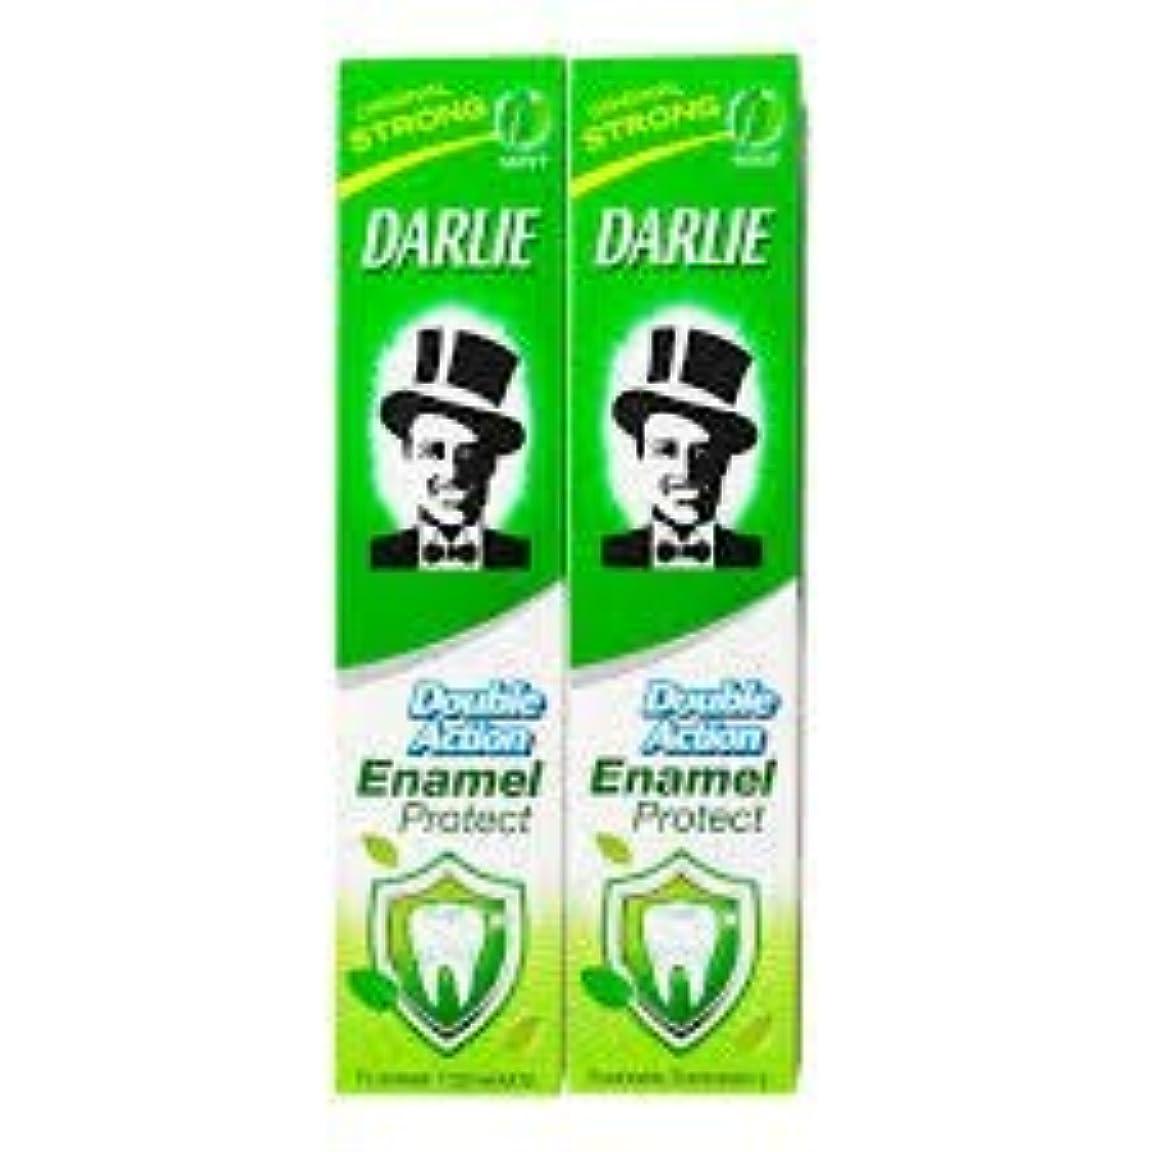 損なう一過性テメリティDARLIE 歯磨き粉歯磨き粉二重の役割、保護エナメル強いミント2×220ケ - あなたの歯を強化し、防御の最前線